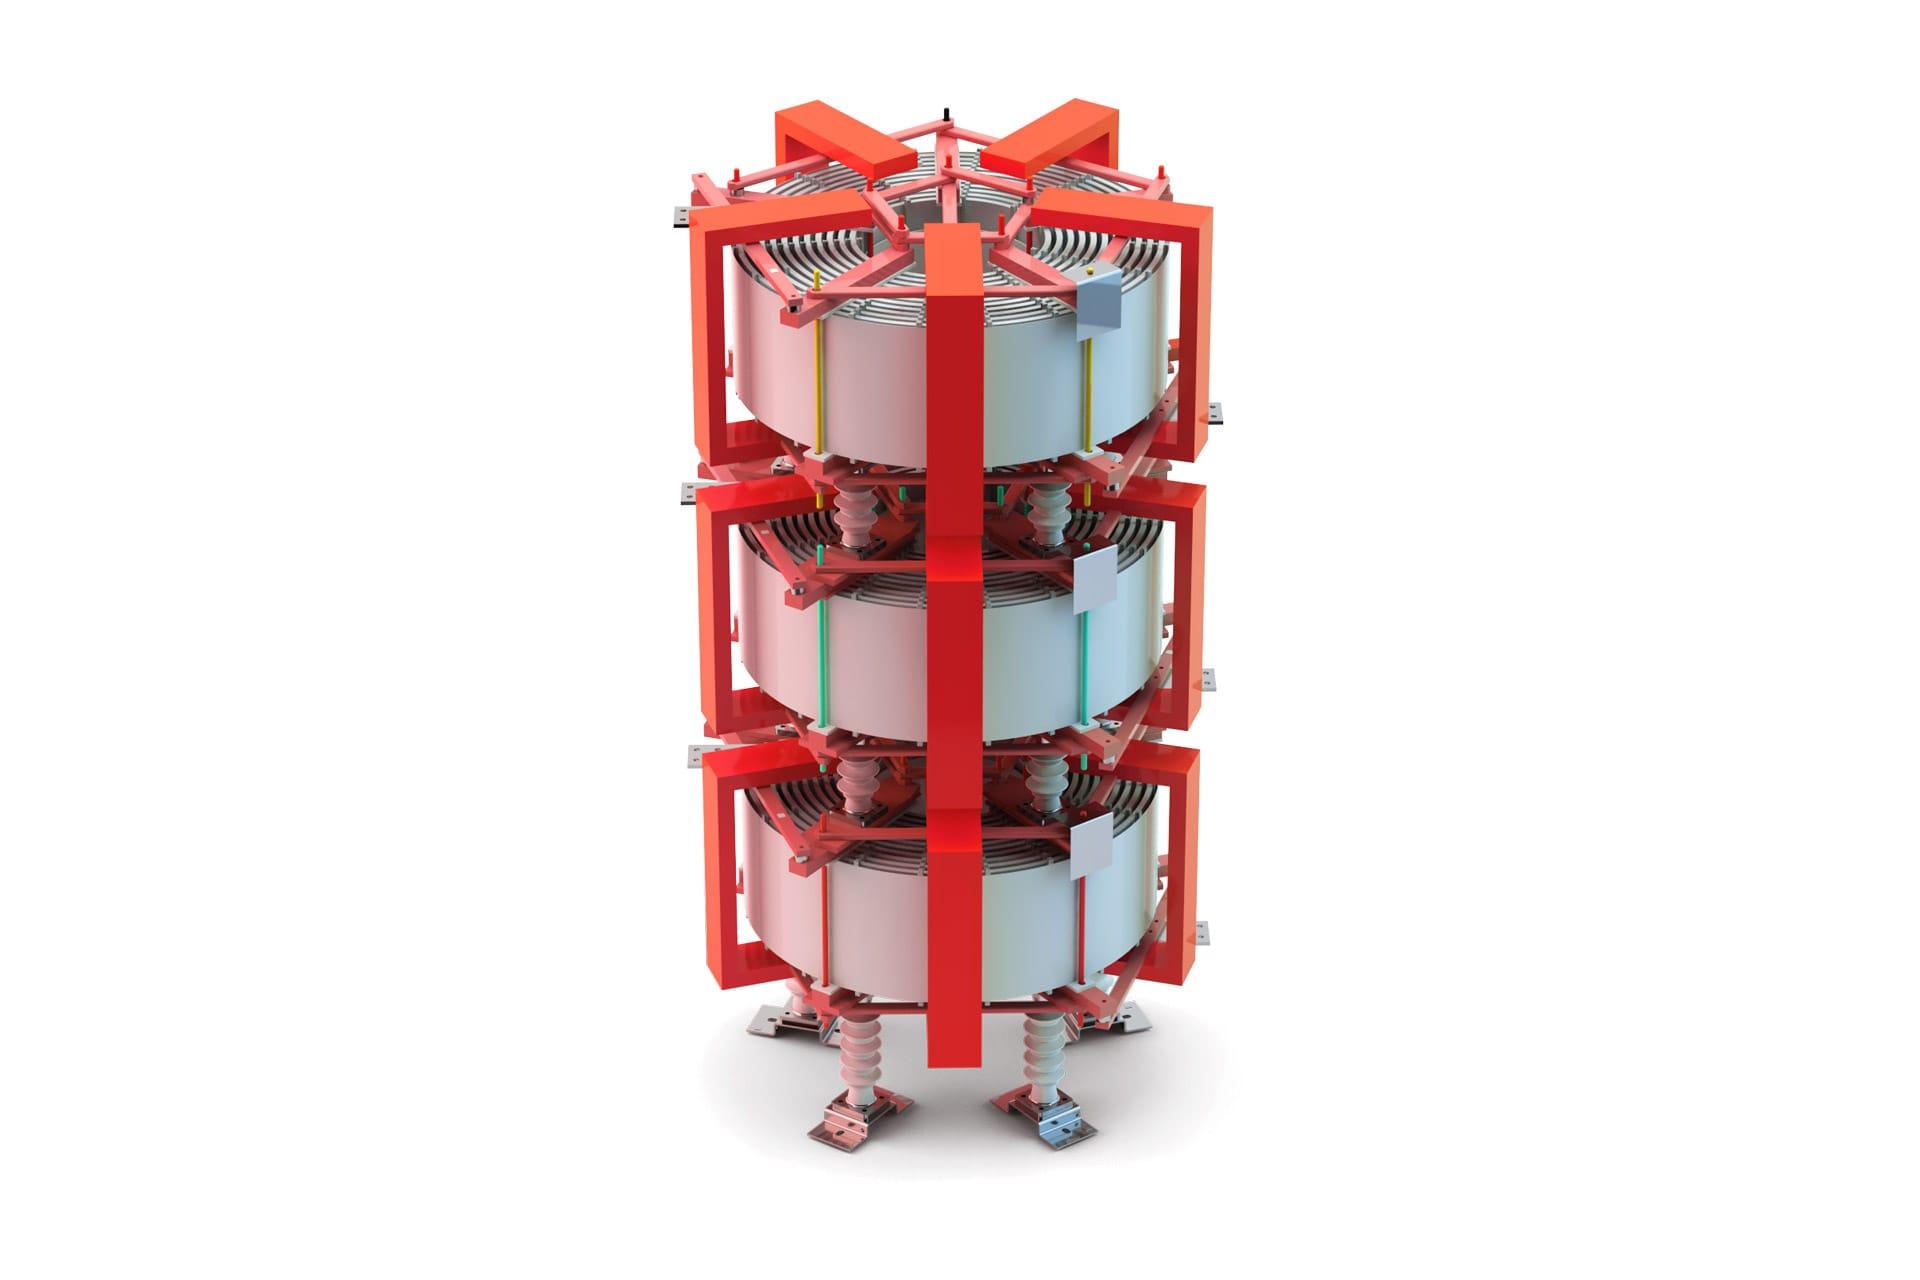 Ensons - Общий вид сухого токоограничивающего реактора броневого типа (фирменный цвет)